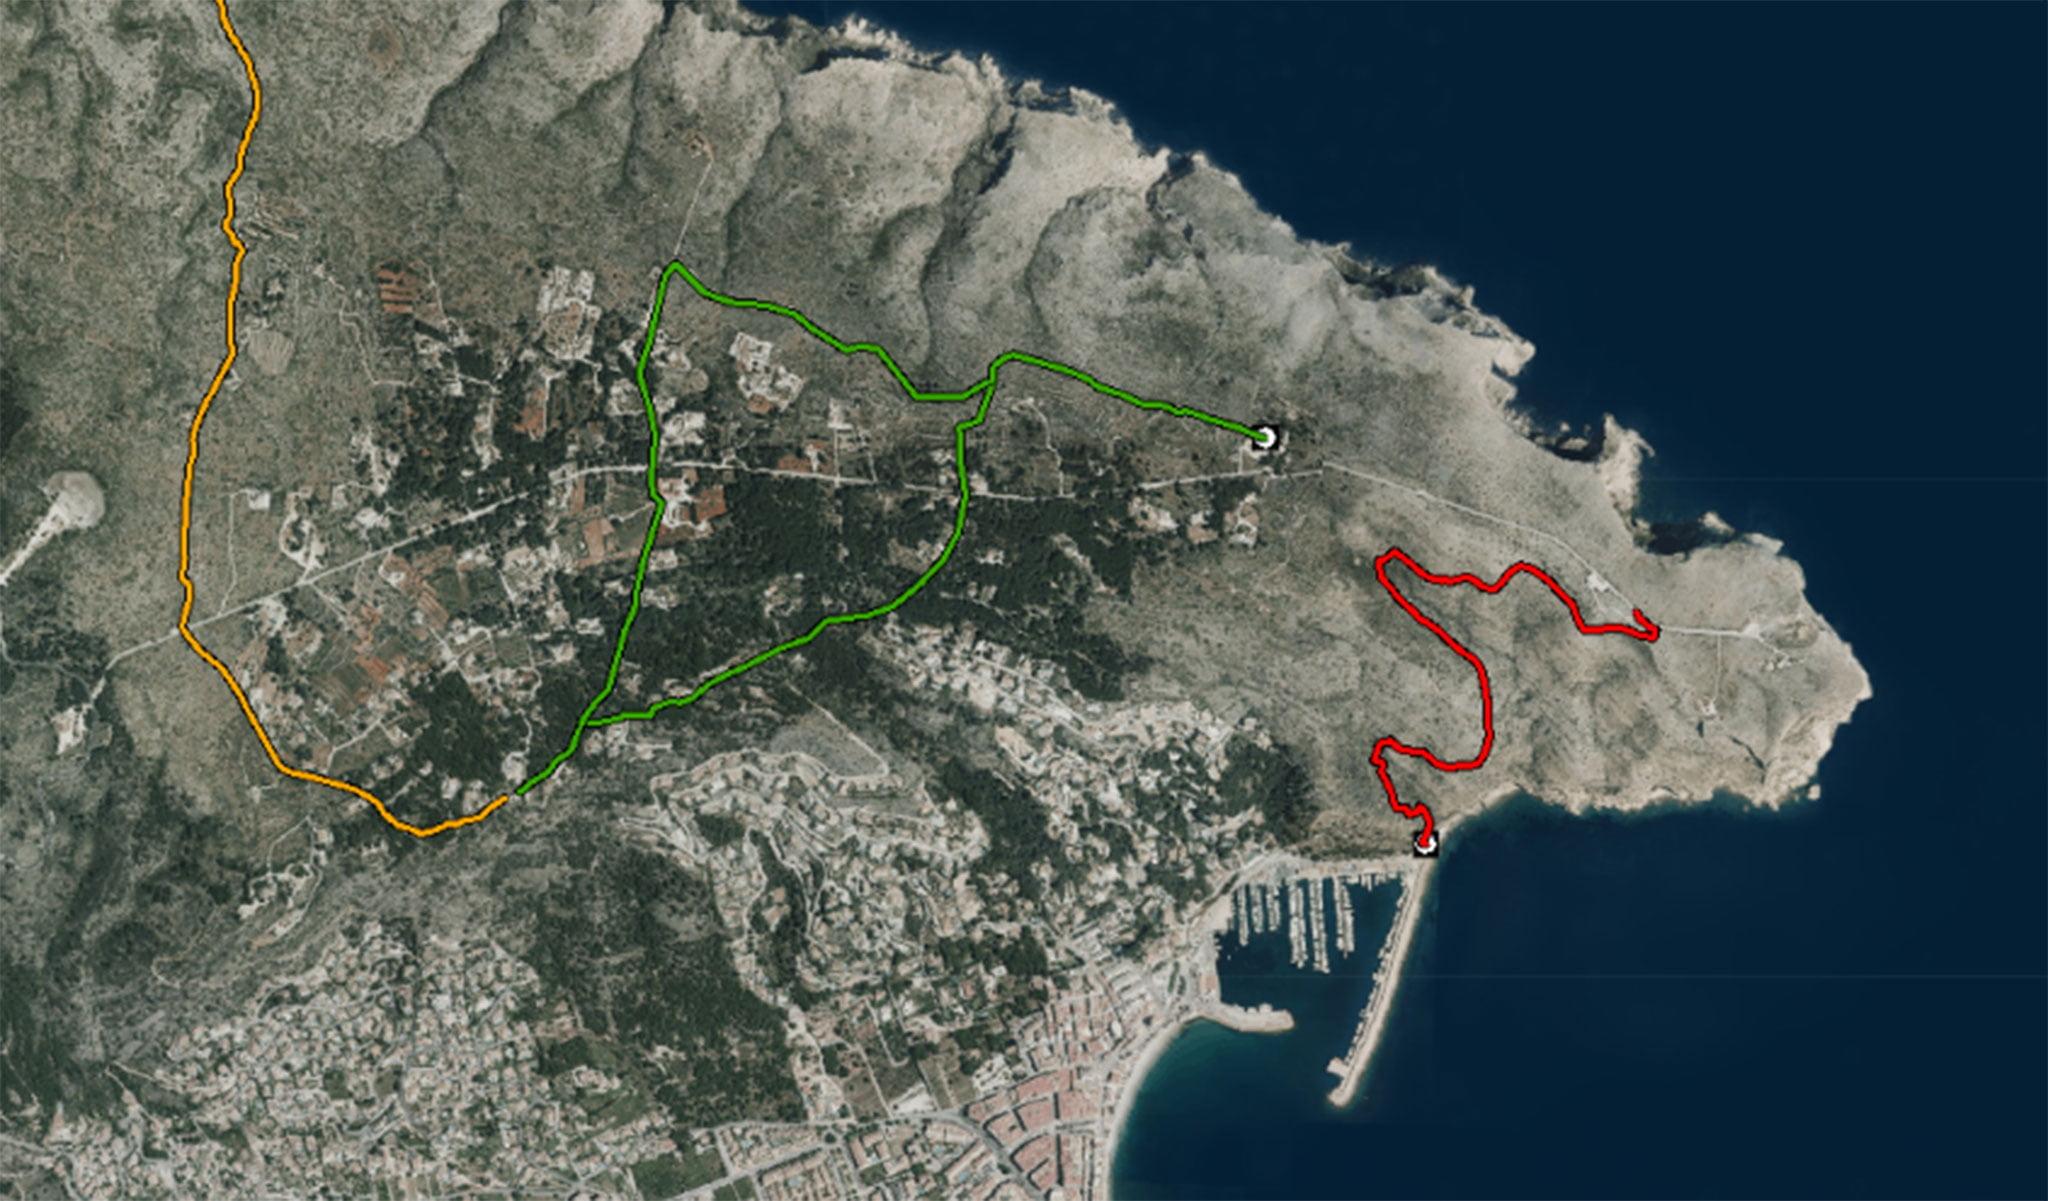 La ruta senderista del Cabo de San Antonio al Puerto de Jávea, marcada en rojo (Fuente: Institut Cartogràfic Valencià)